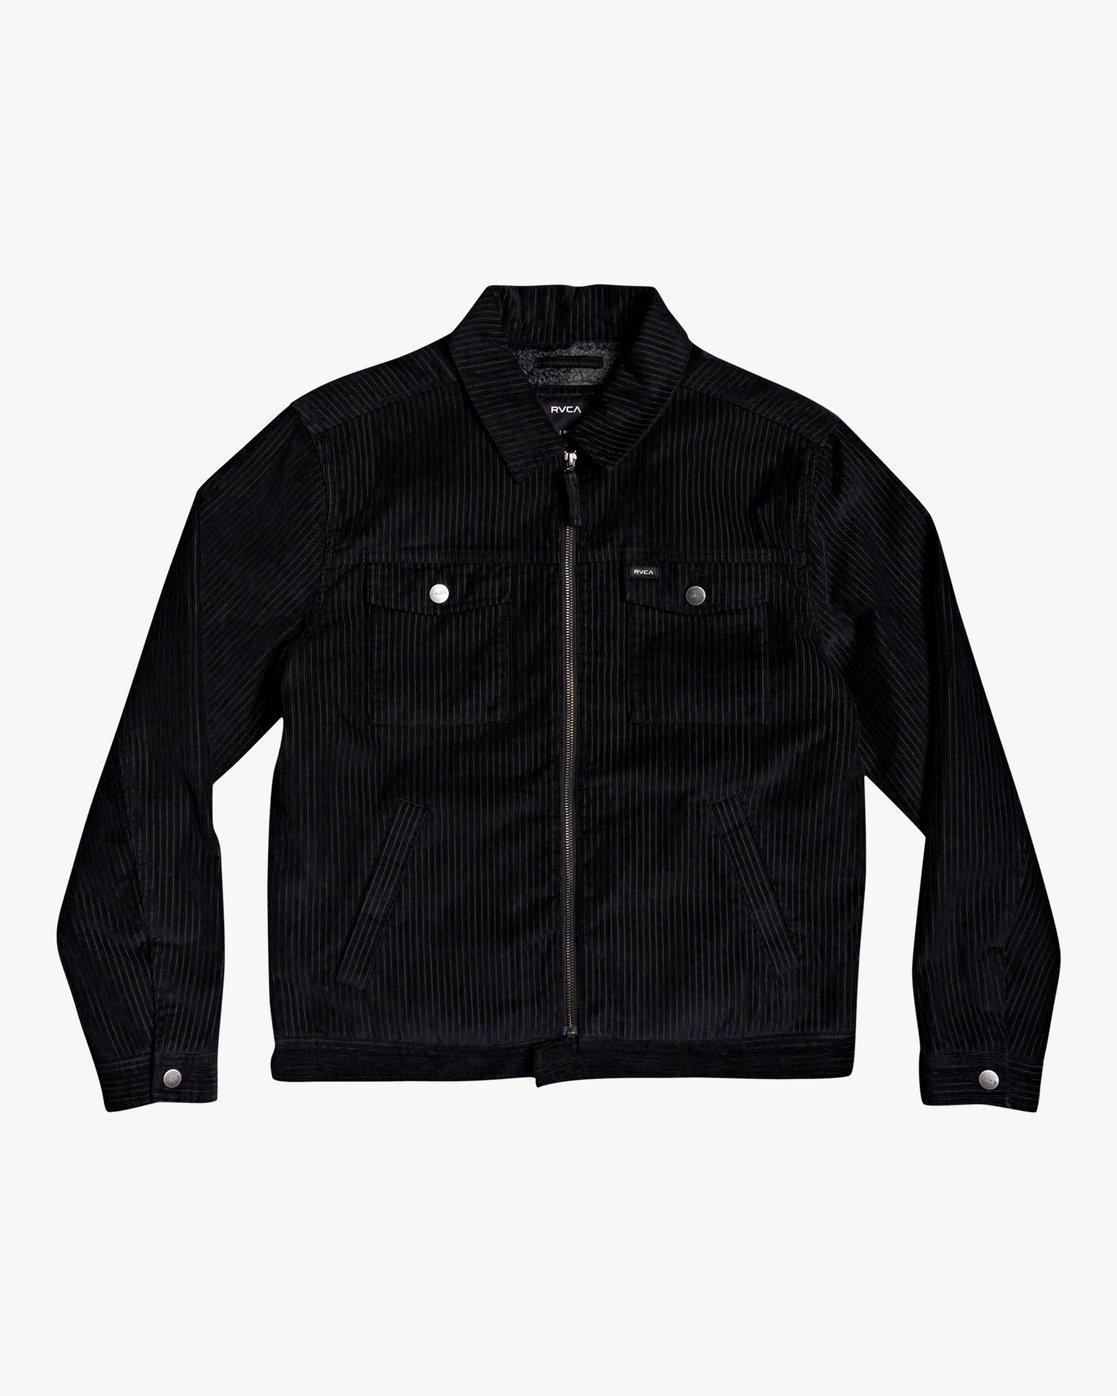 0 Easy Trucker Ii - Trucker Jacket for Men Black U1JKRPRVF0 RVCA